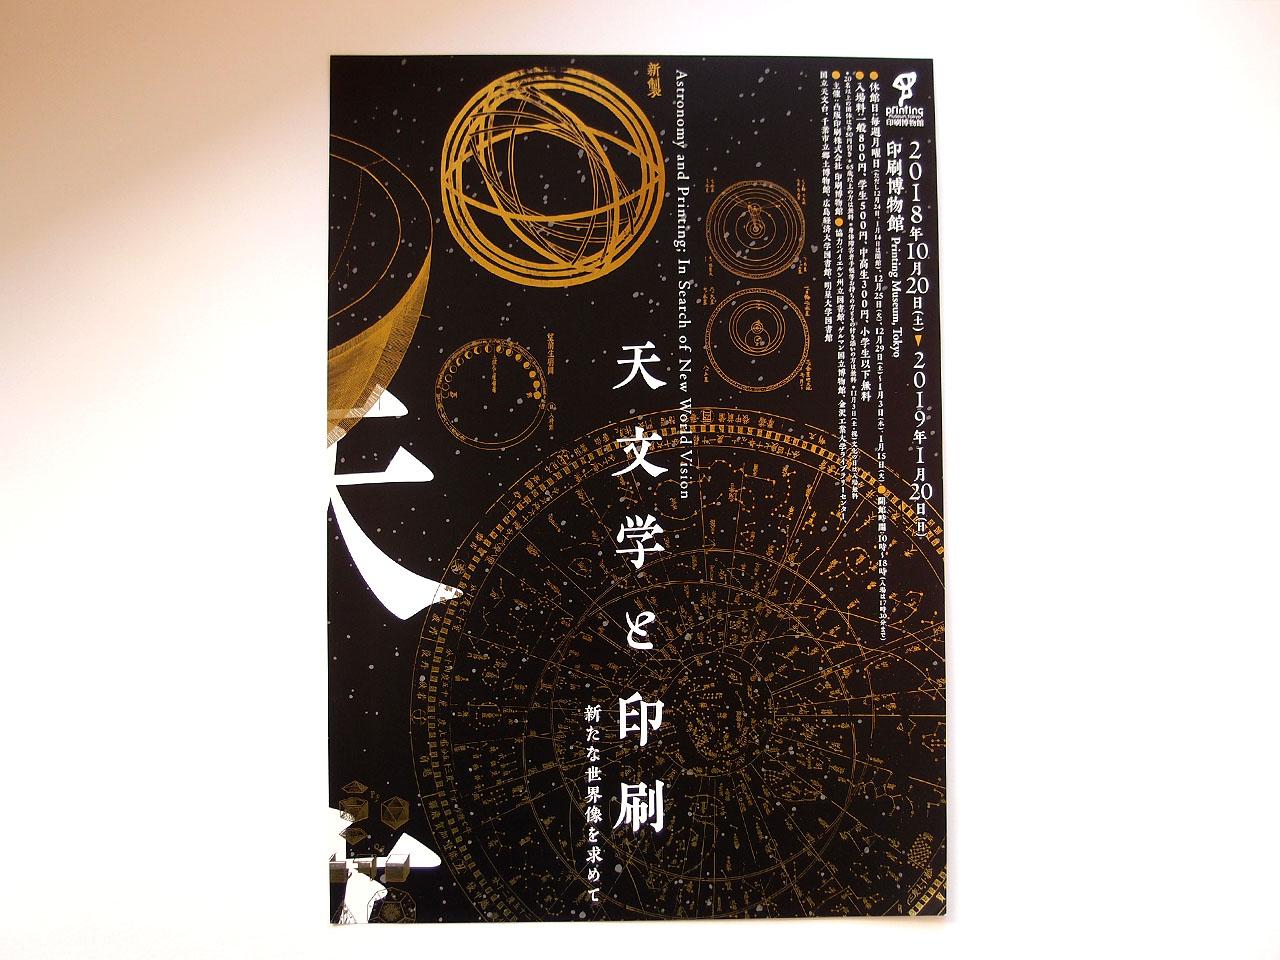 天文学と印刷フライヤー